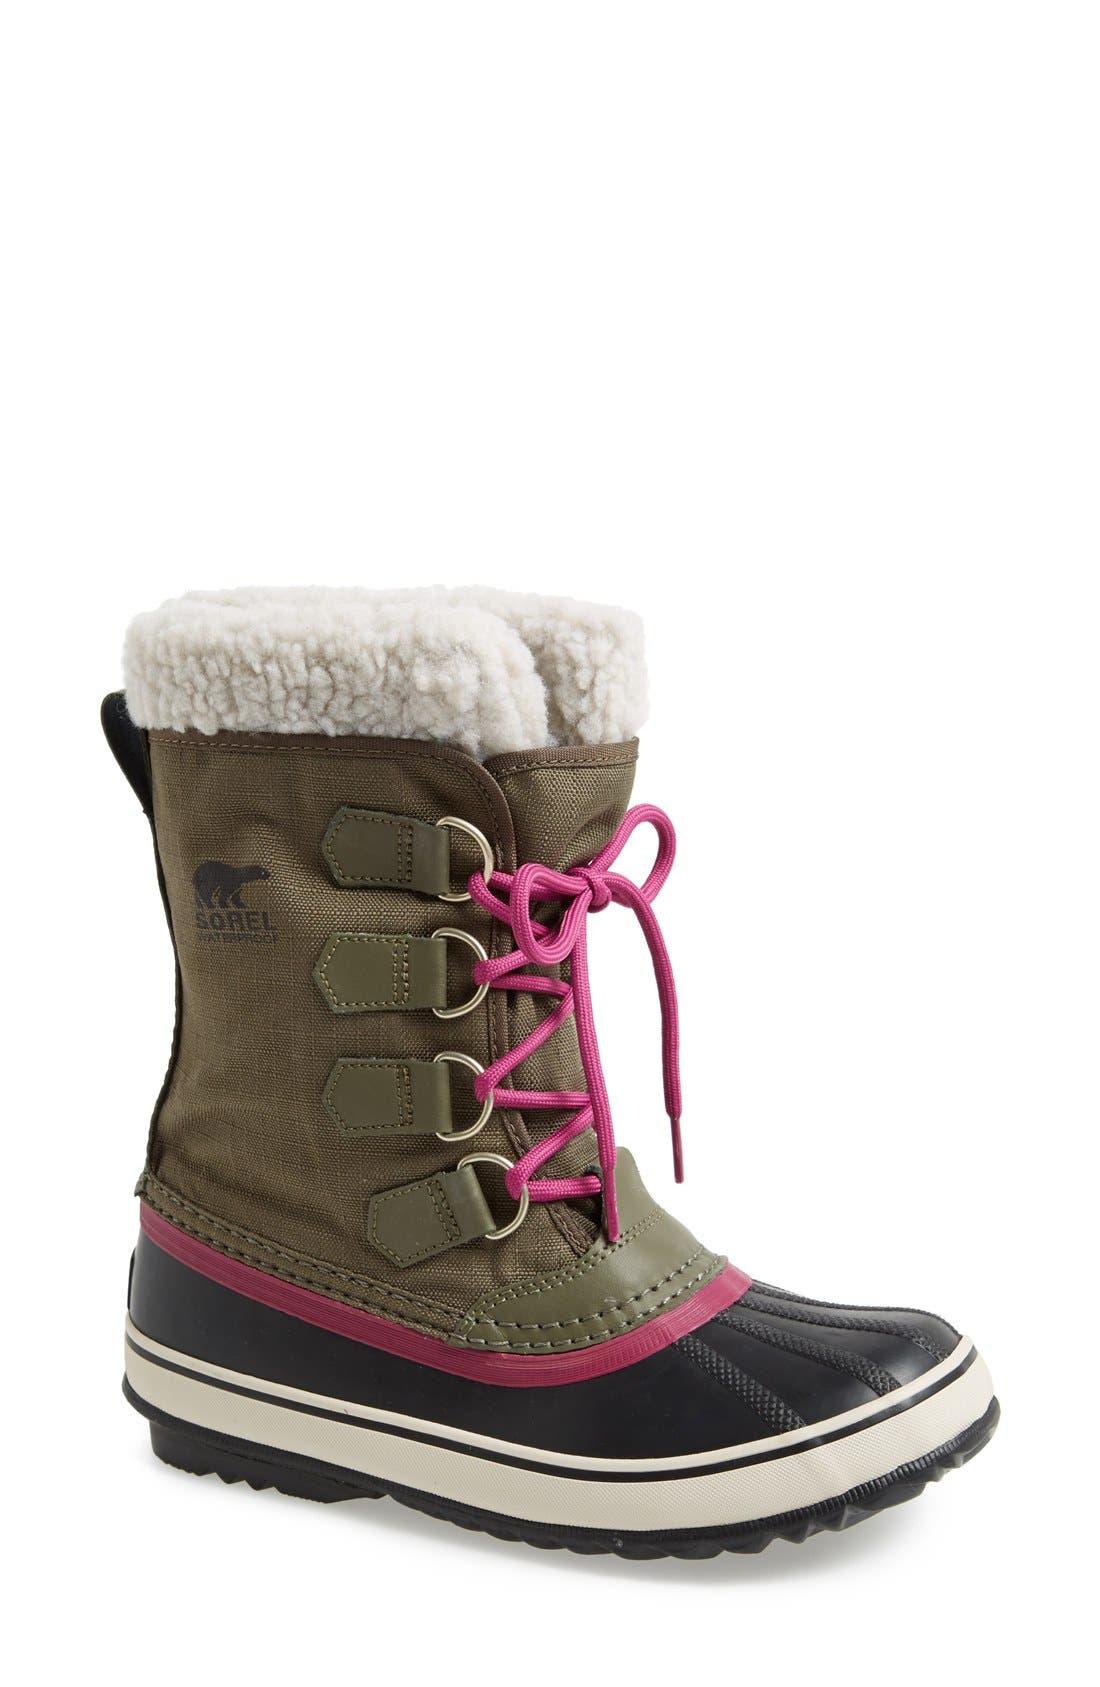 sorel winter carnival boot nordstrom